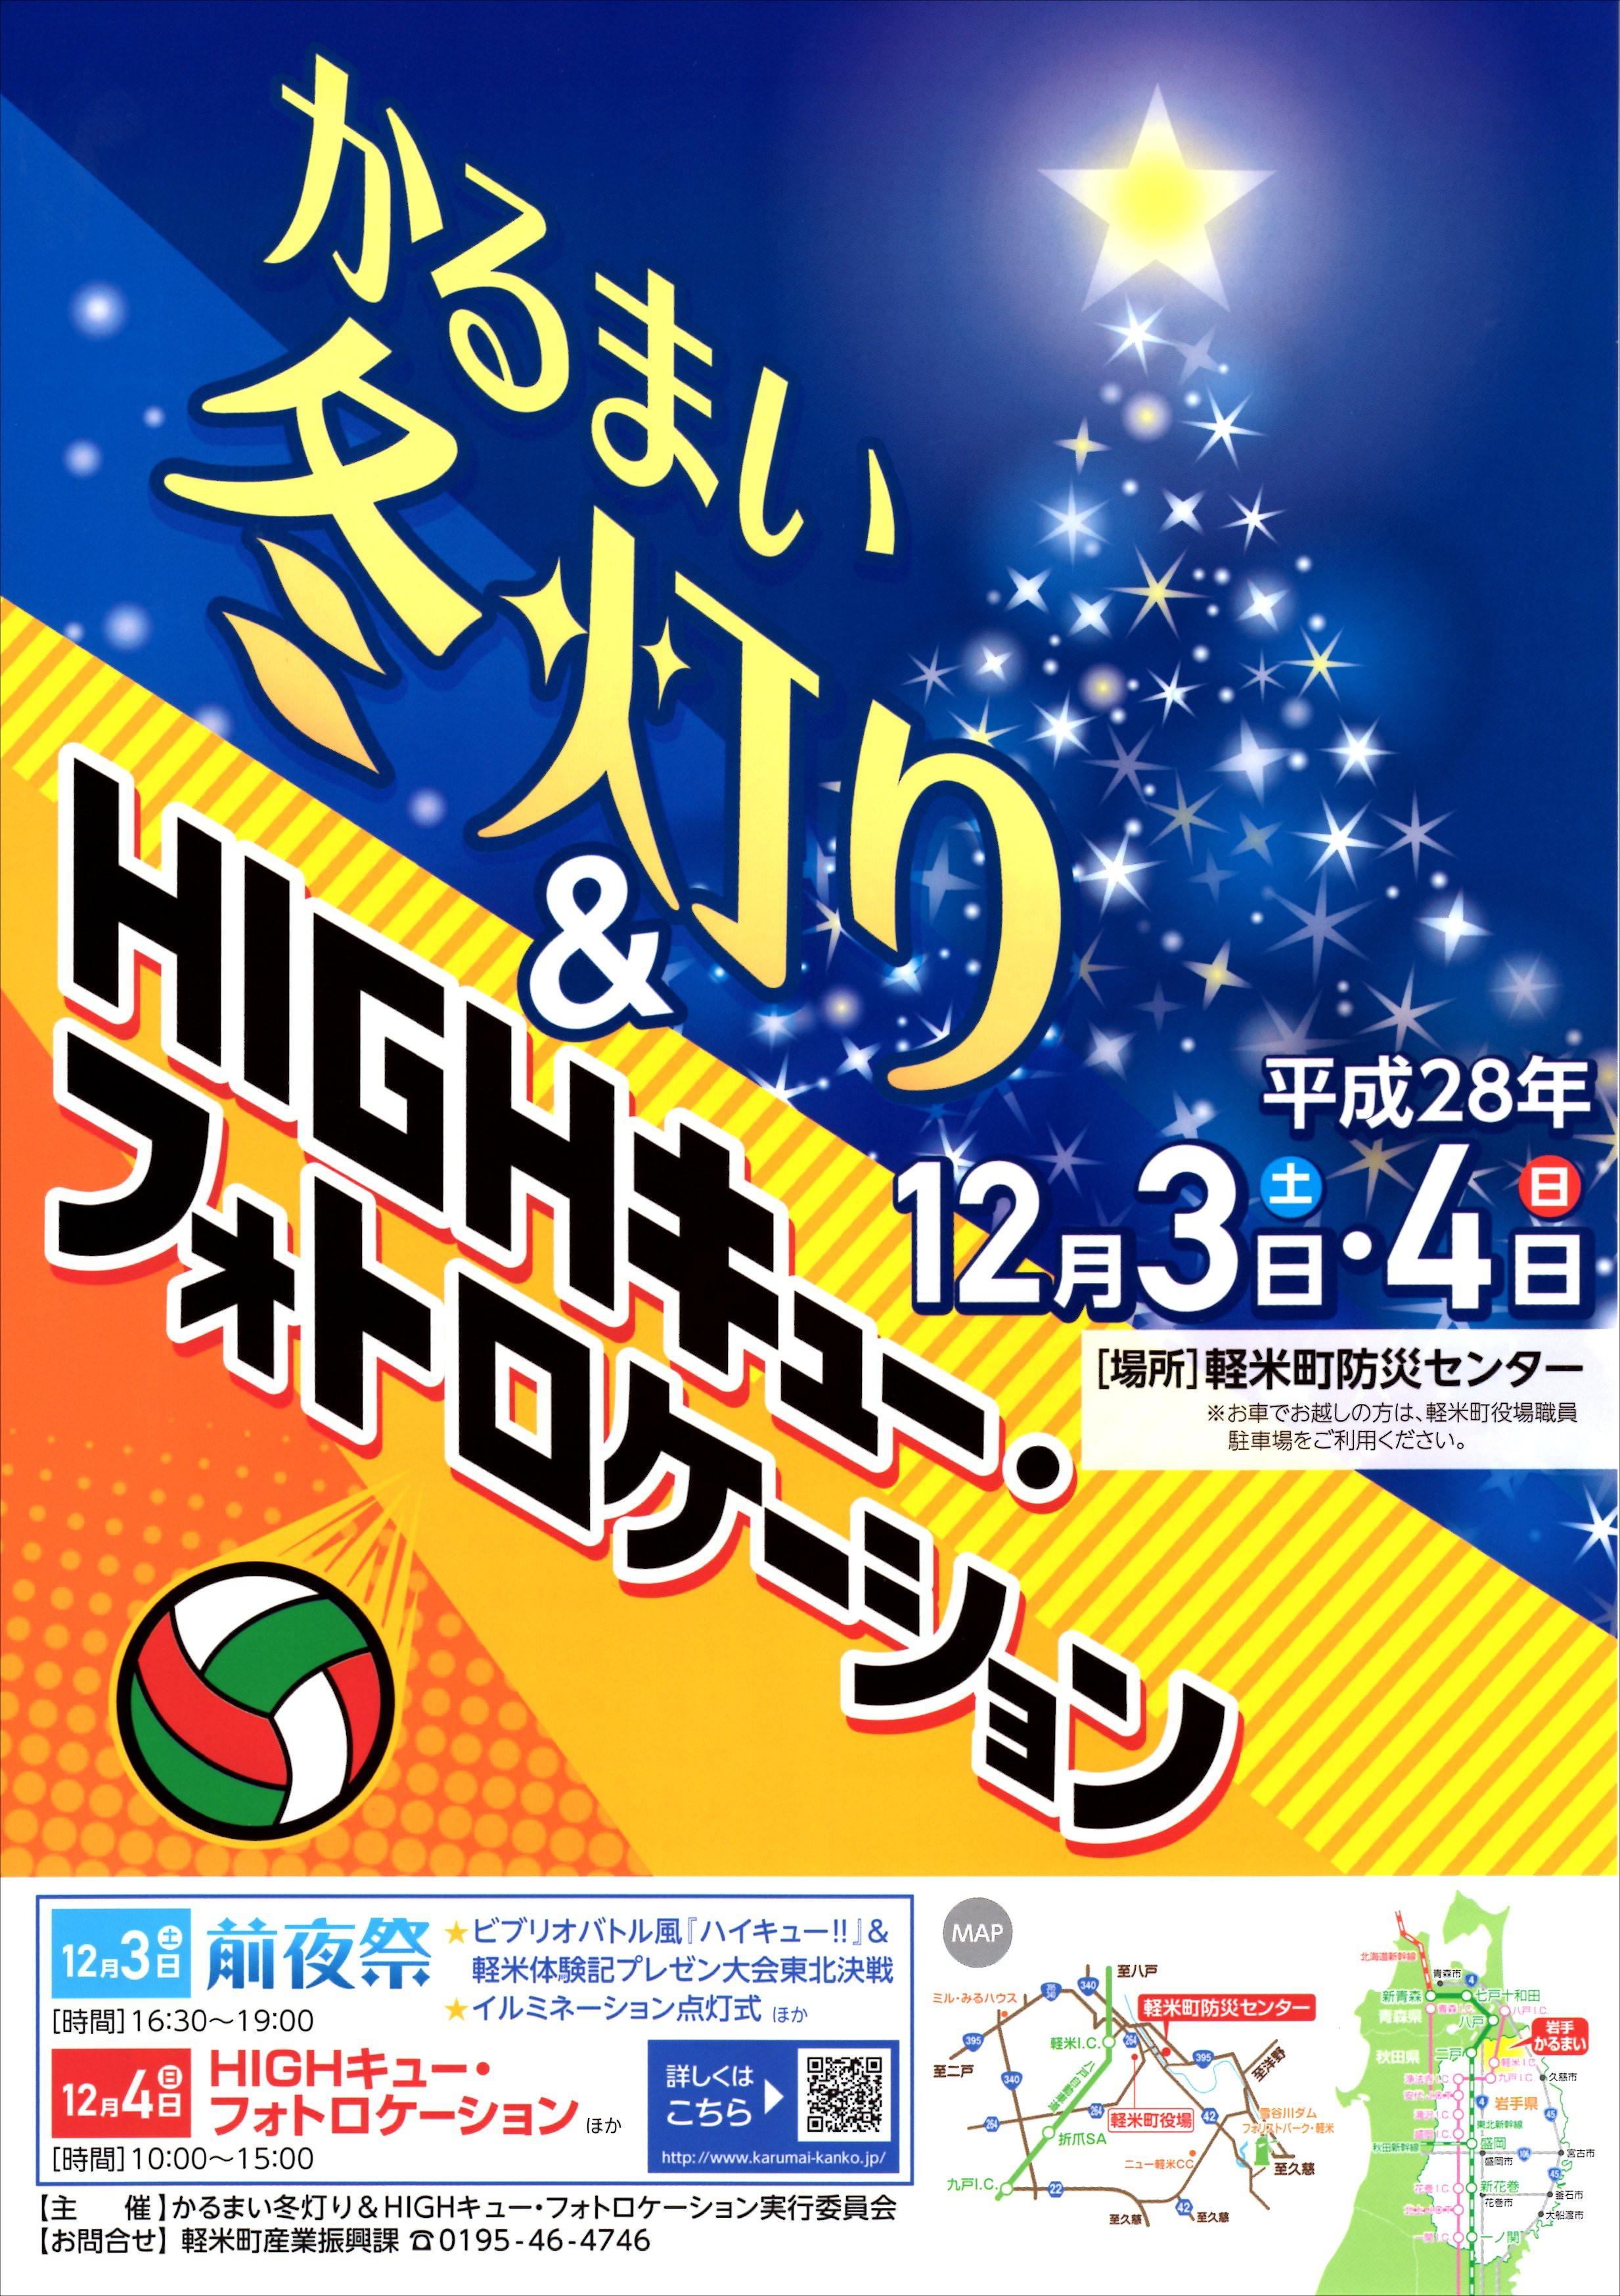 第1回「かるまい冬灯り&HIGHキュー・フォトロケーション」開催のお知らせ